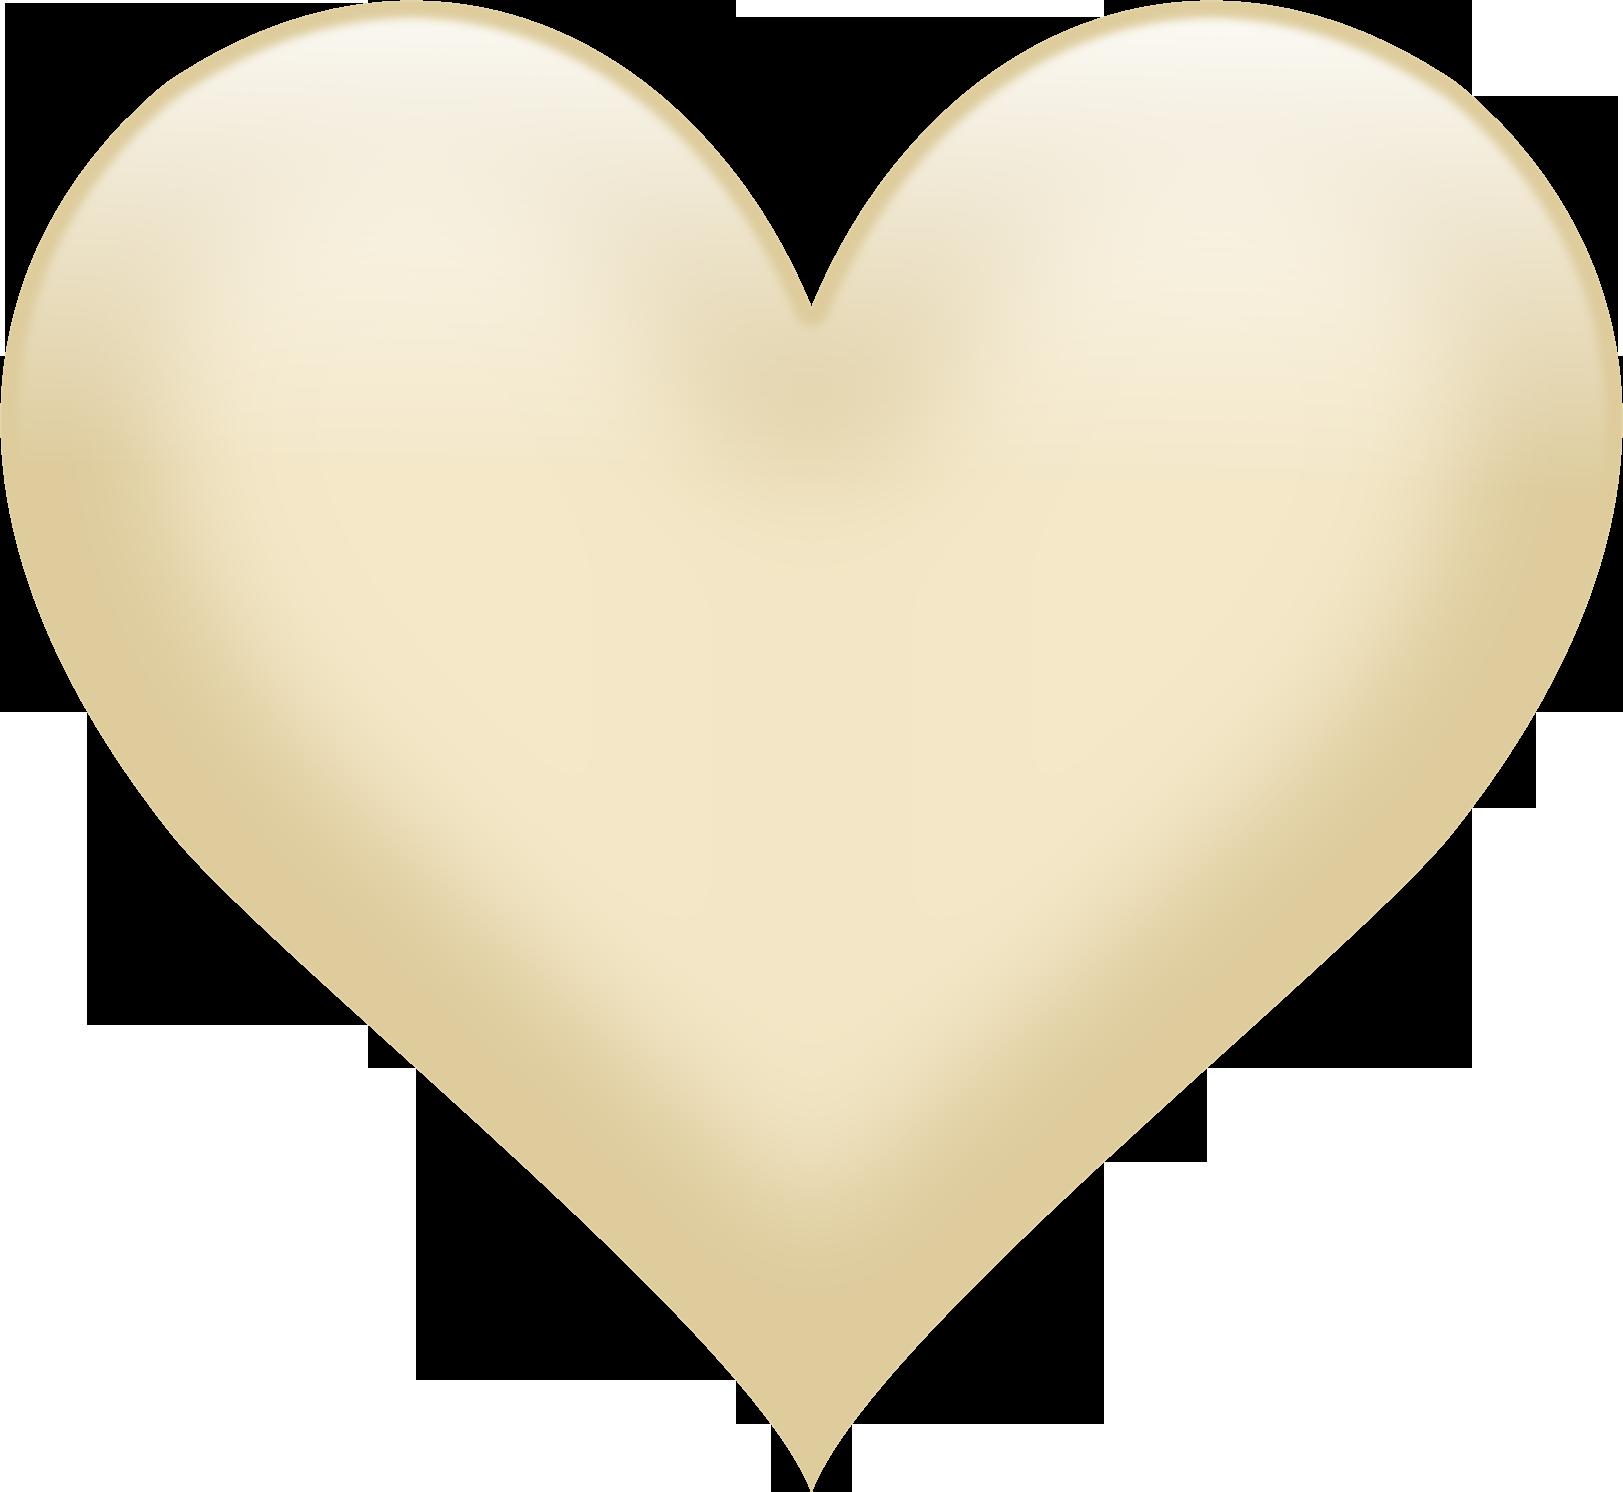 картинки белое сердце без фона чем надеть как